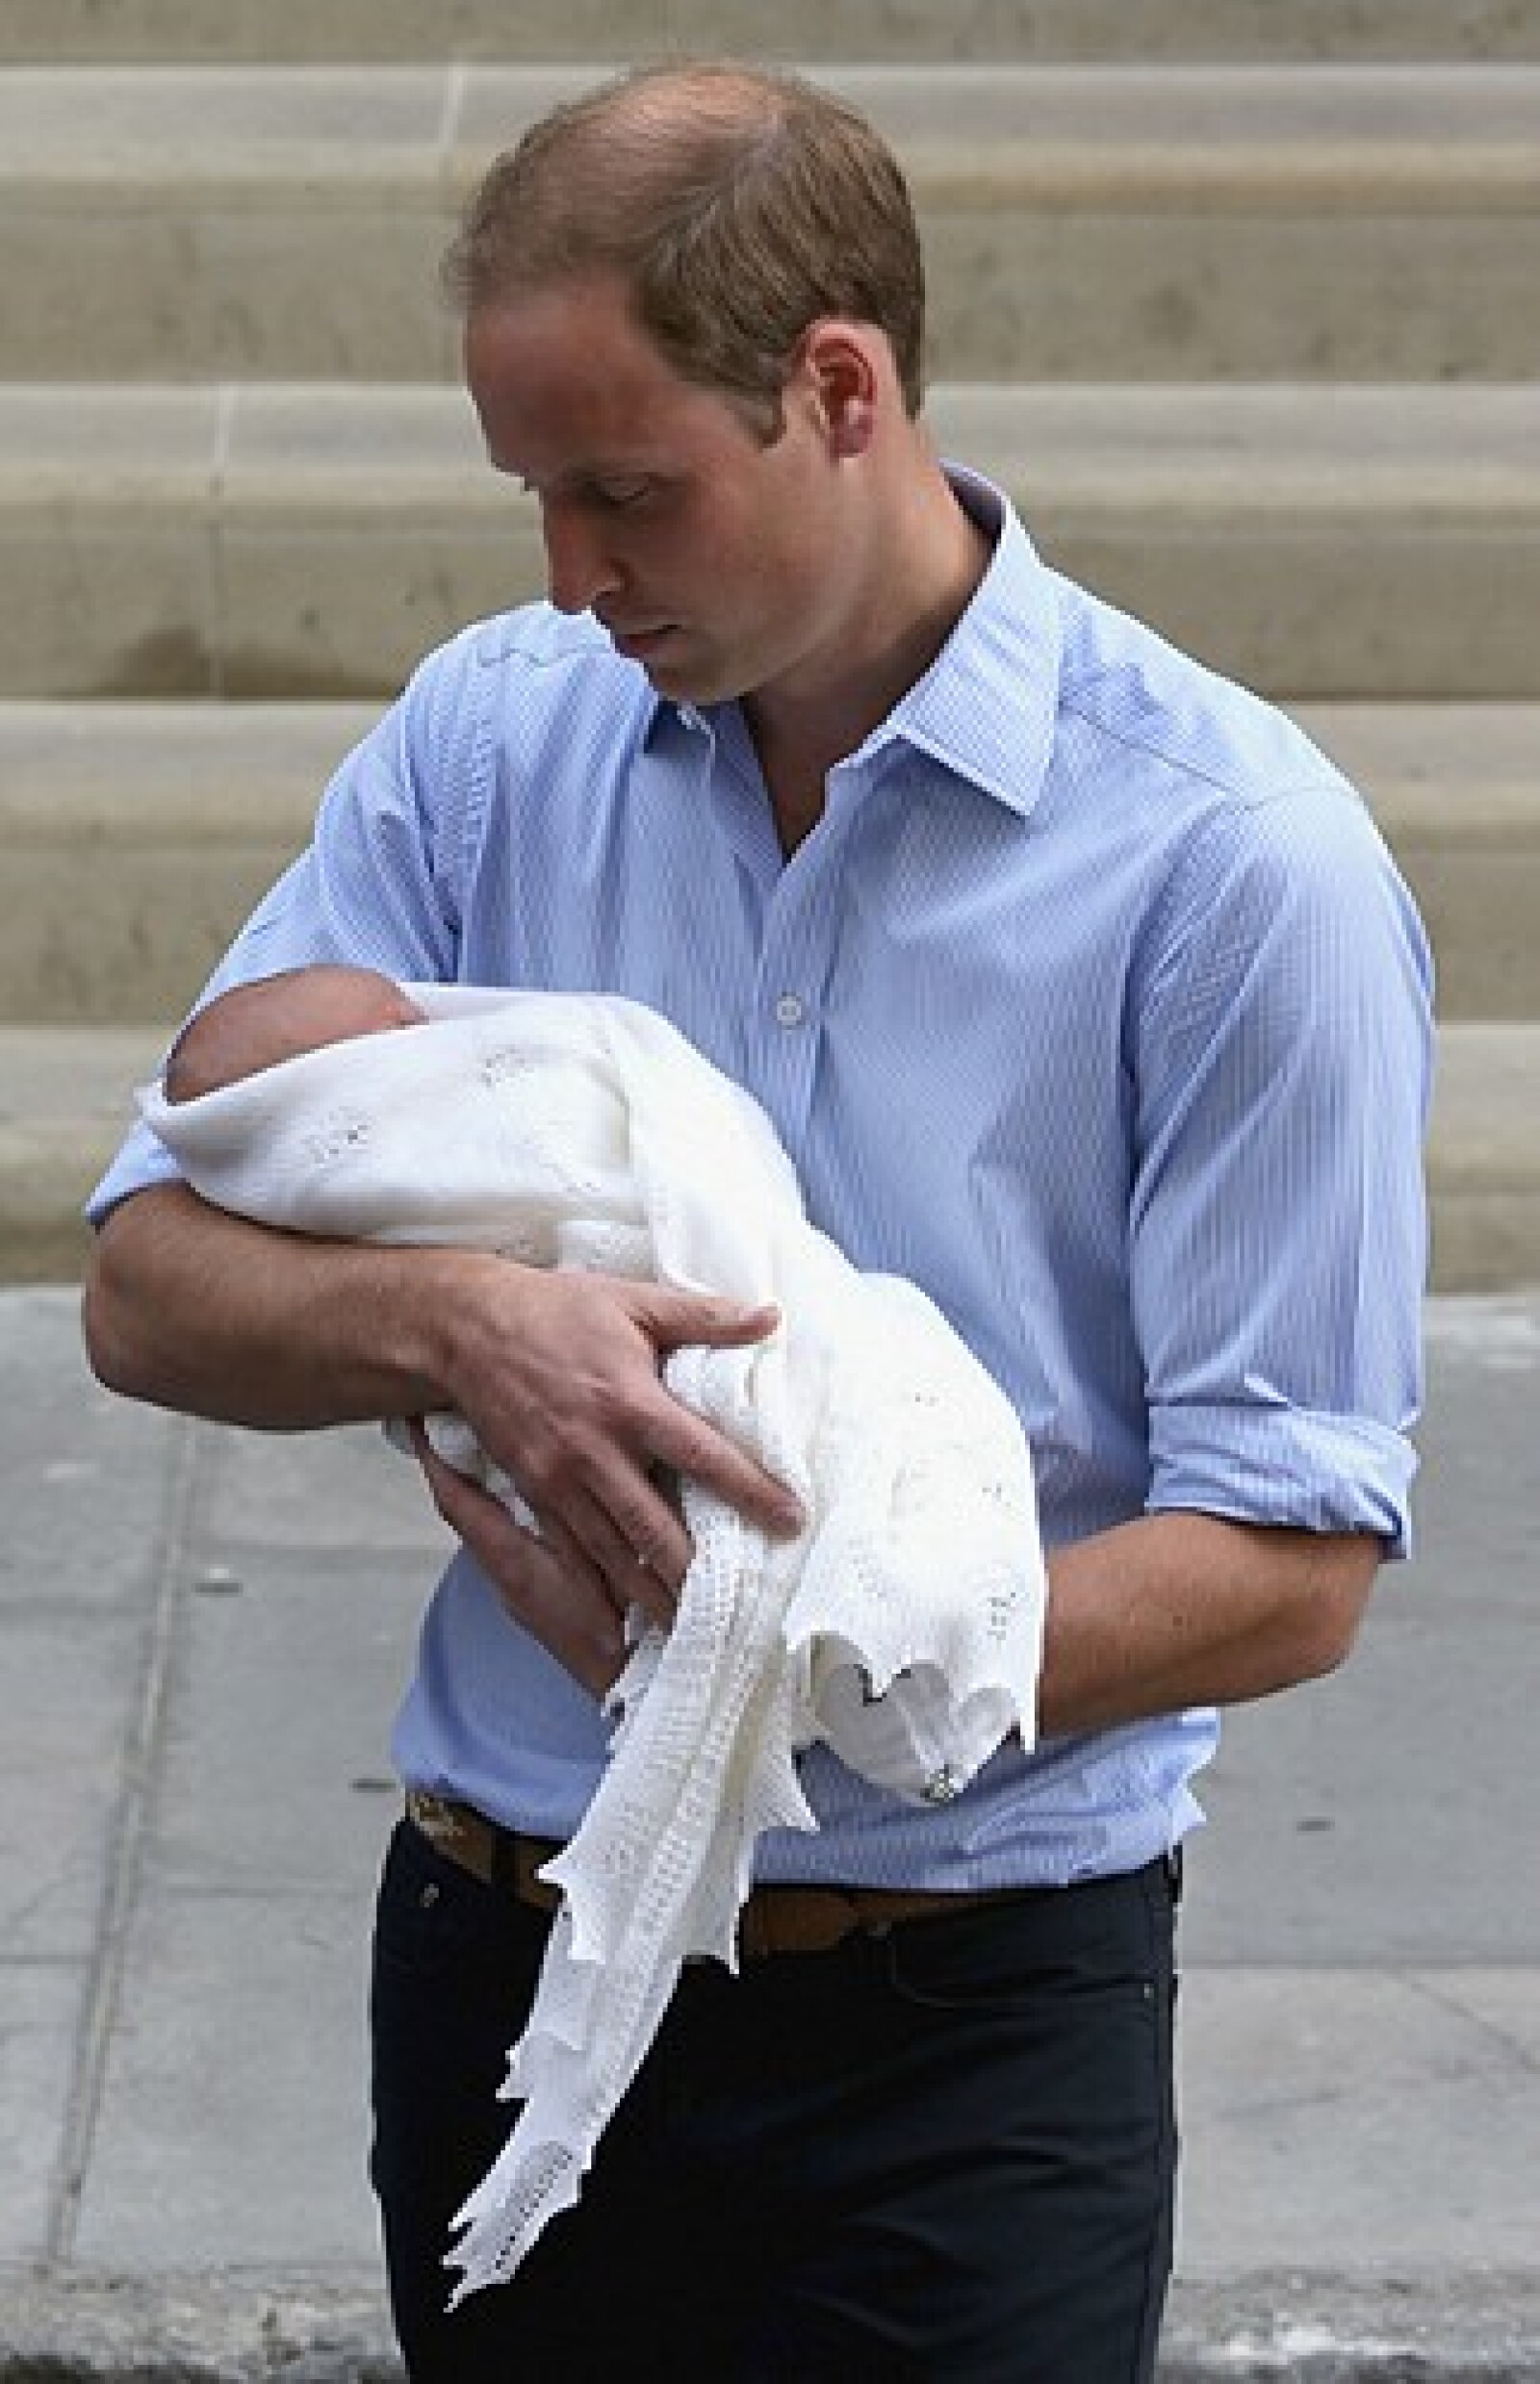 El papel de padre le queda muy bien a Guillermo, disfruta mucho de su hijo.